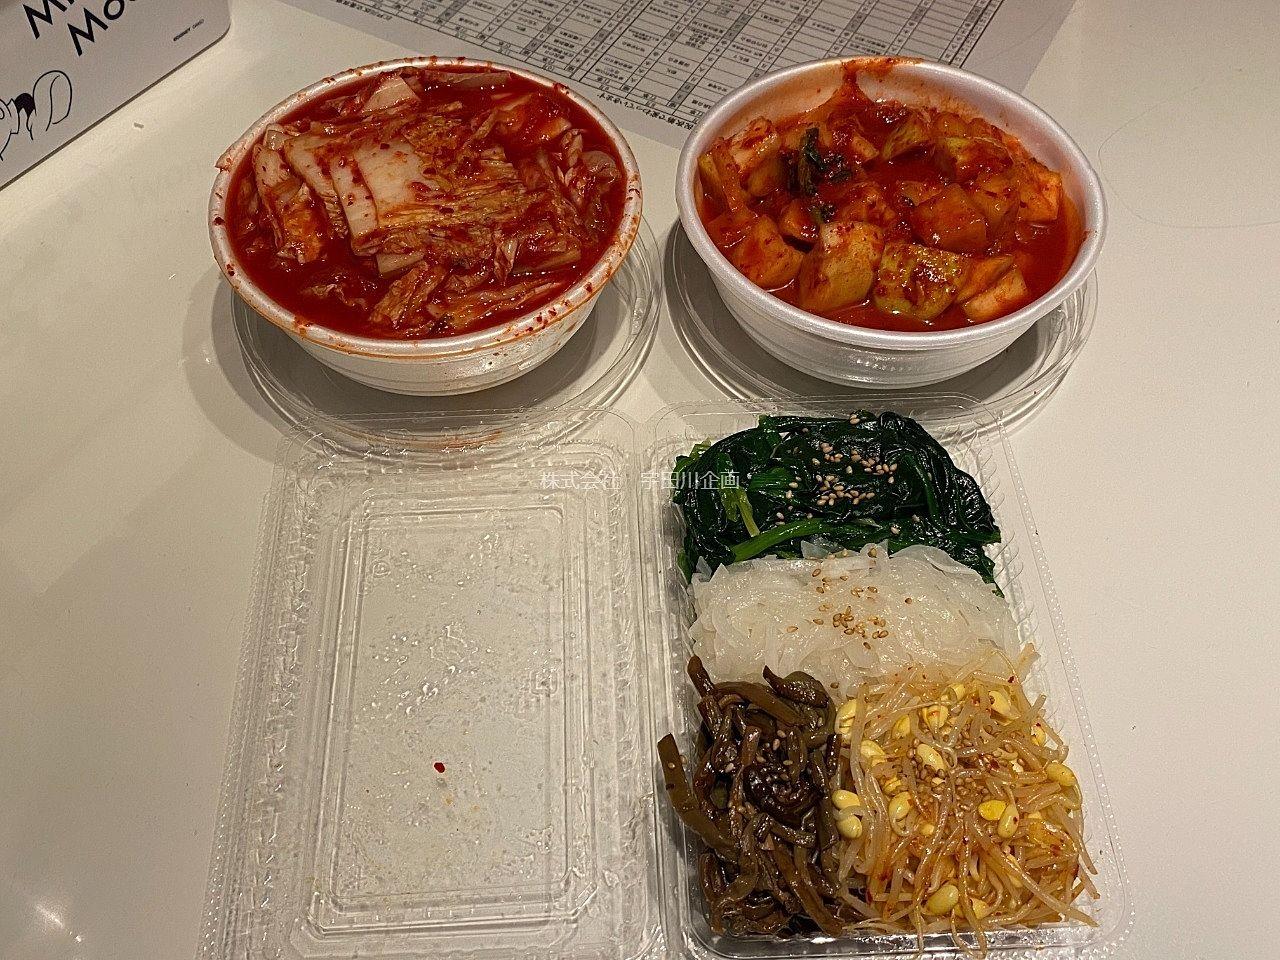 元気なオモニ(母)が迎えてくれる【韓国料理オアシス】もテイクアウトやってます